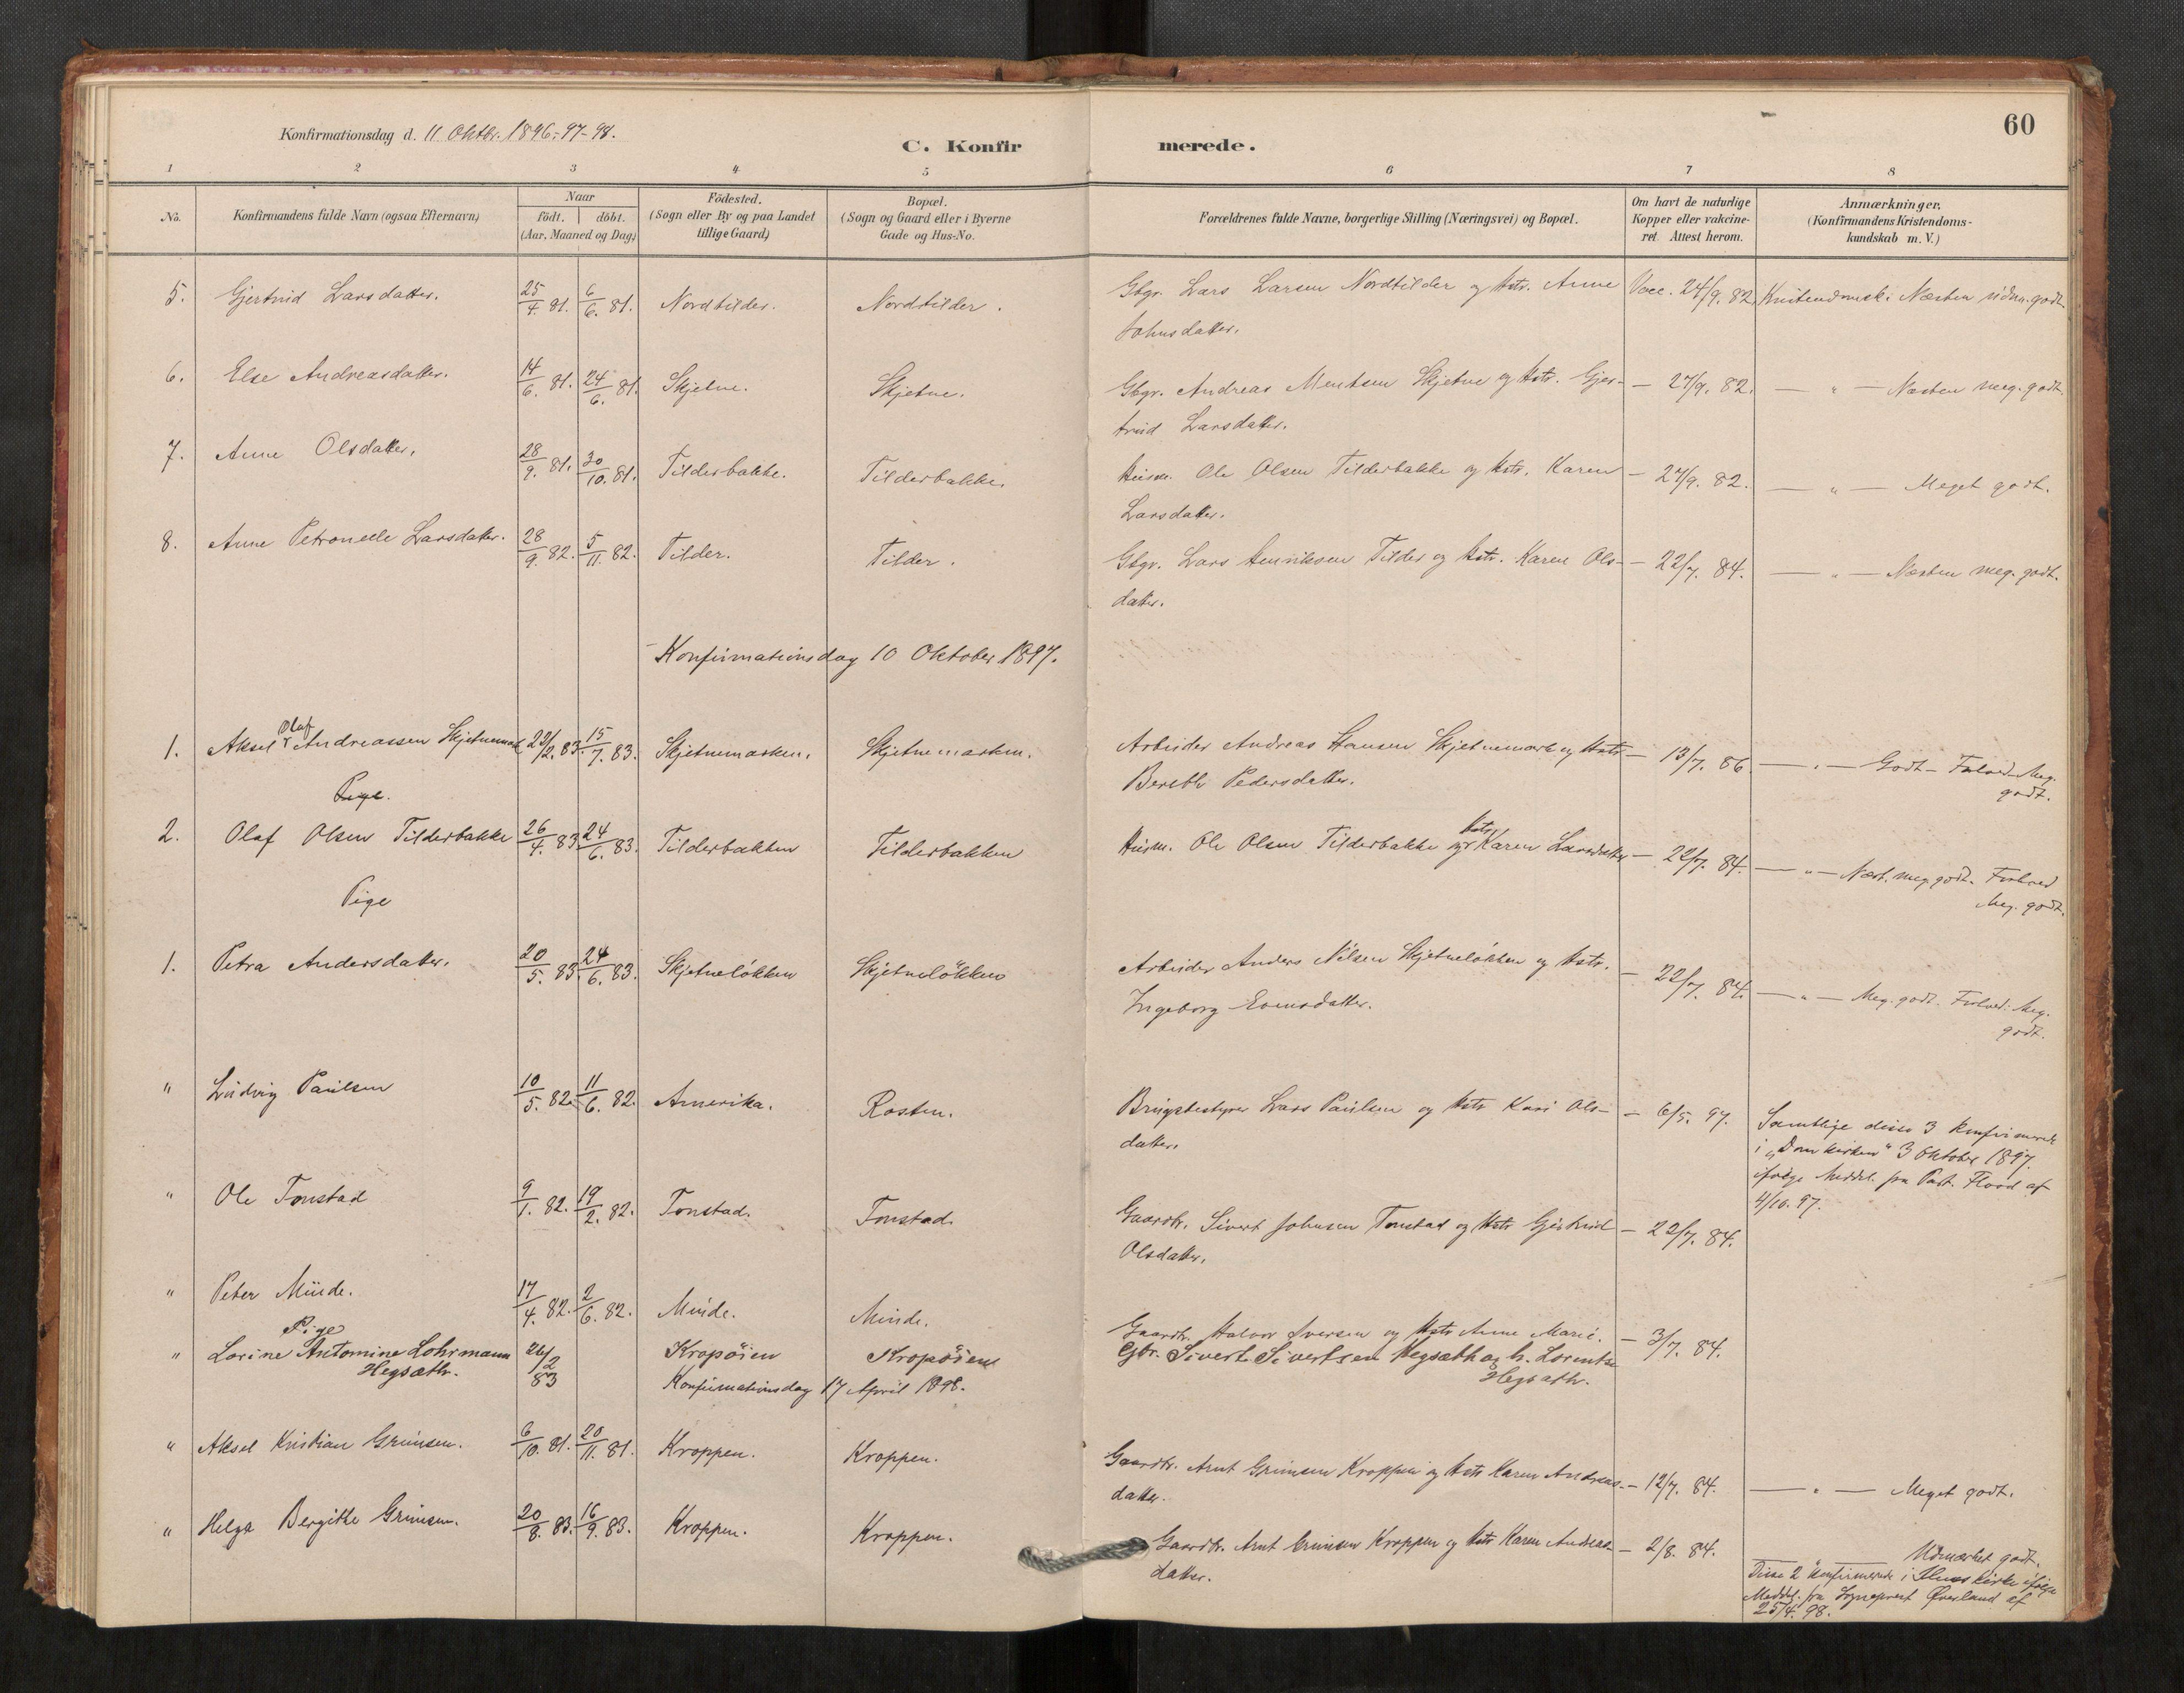 SAT, Klæbu sokneprestkontor, Parish register (official) no. 1, 1880-1900, p. 60